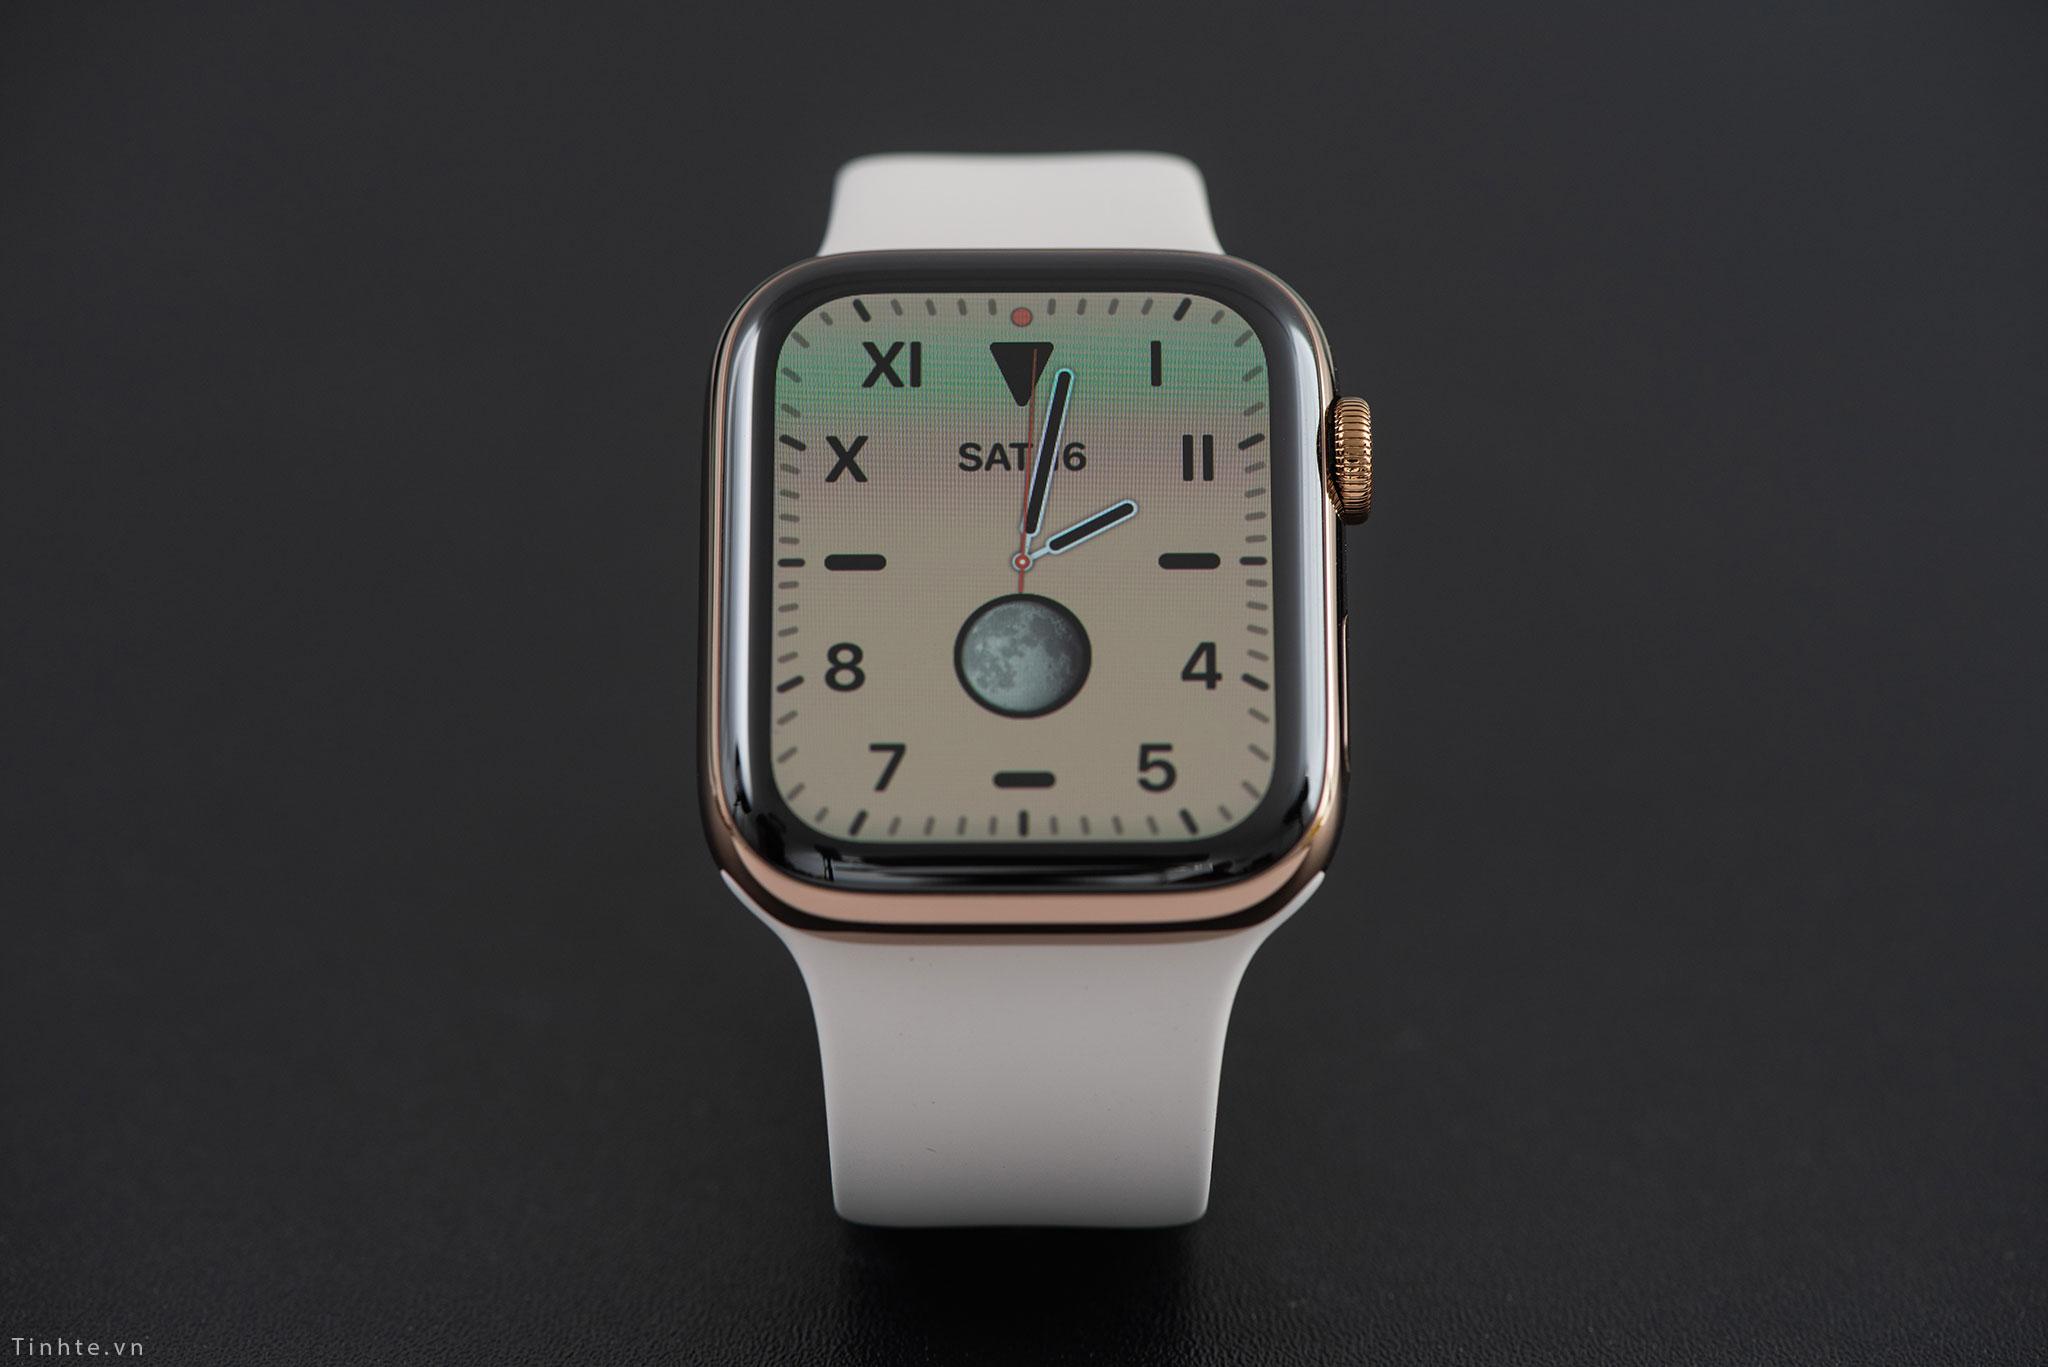 tinhte_apple_watch_series_5_stainless_steel_14.jpg